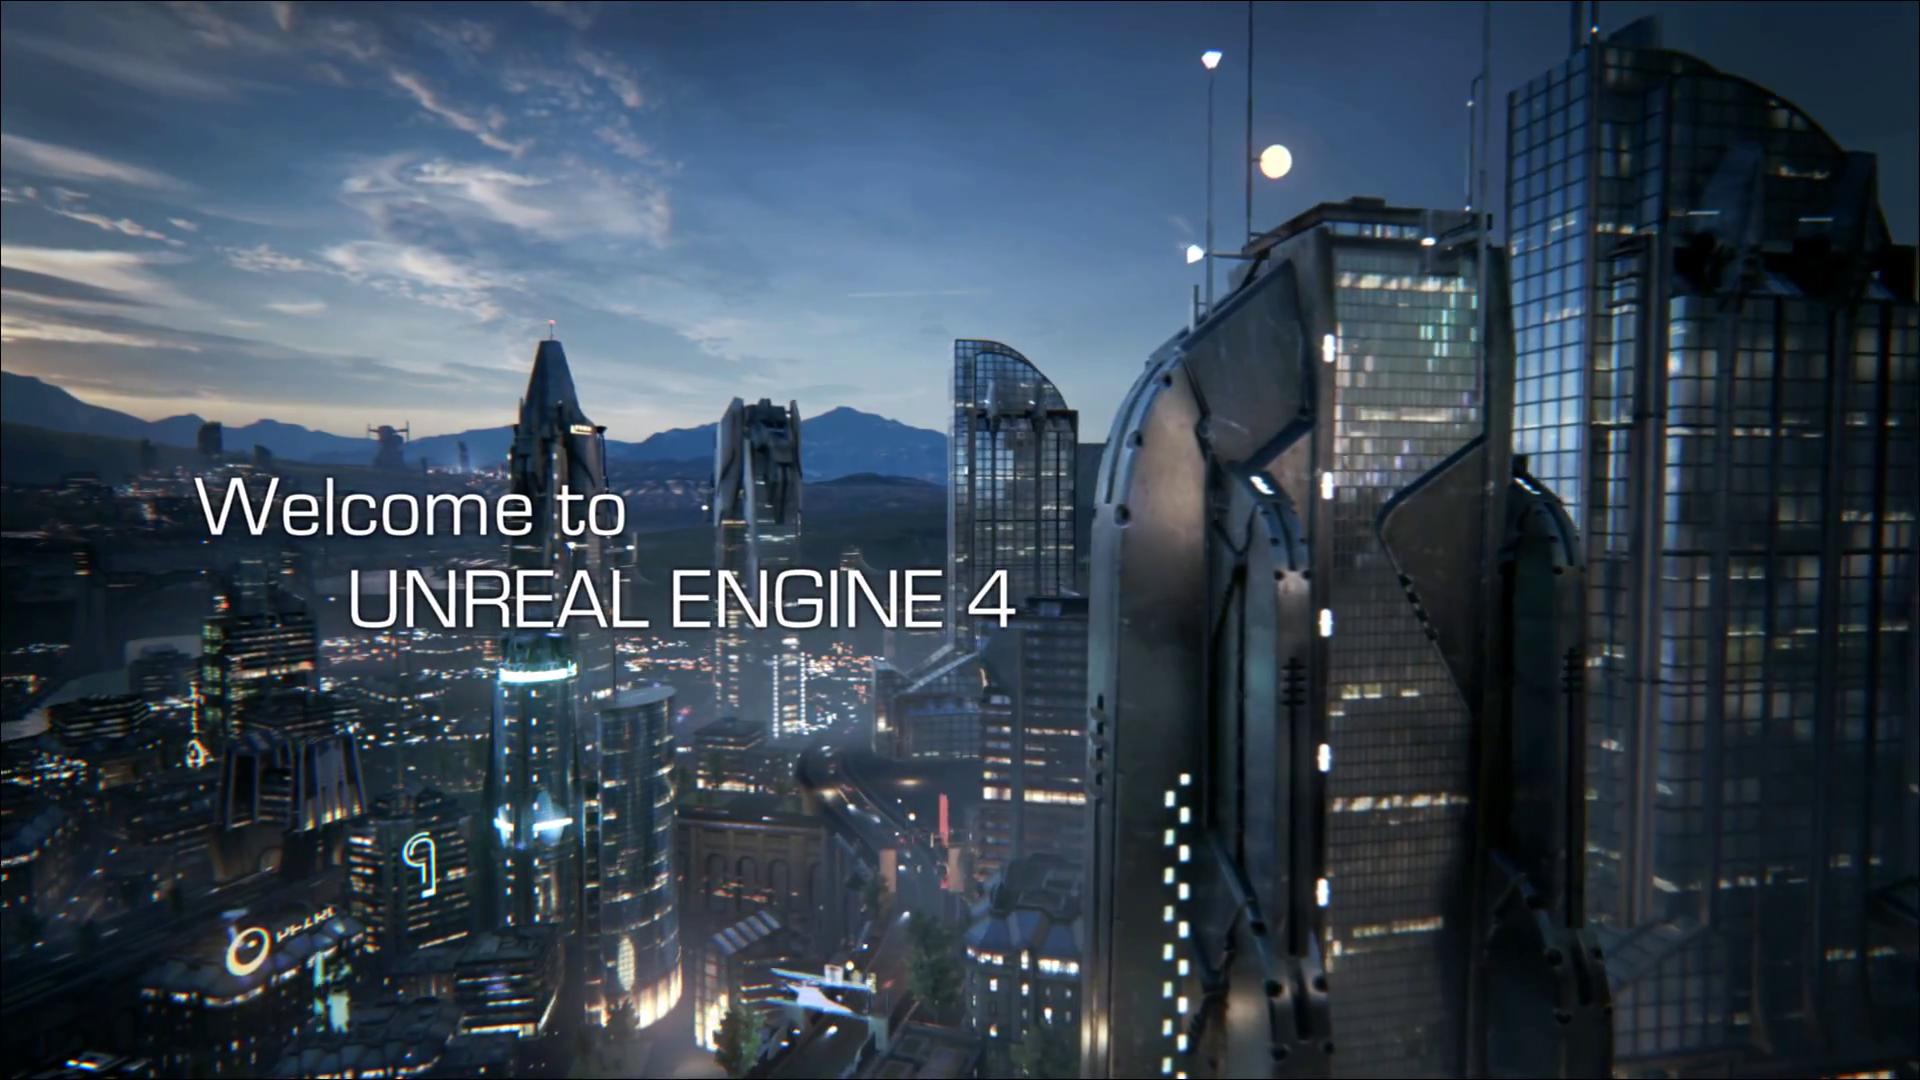 Consola de jocuri Nintendo Switch este acum compatibila cu Unreal Engine 4 - Vor urma jocuri cu o grafica uimitoare